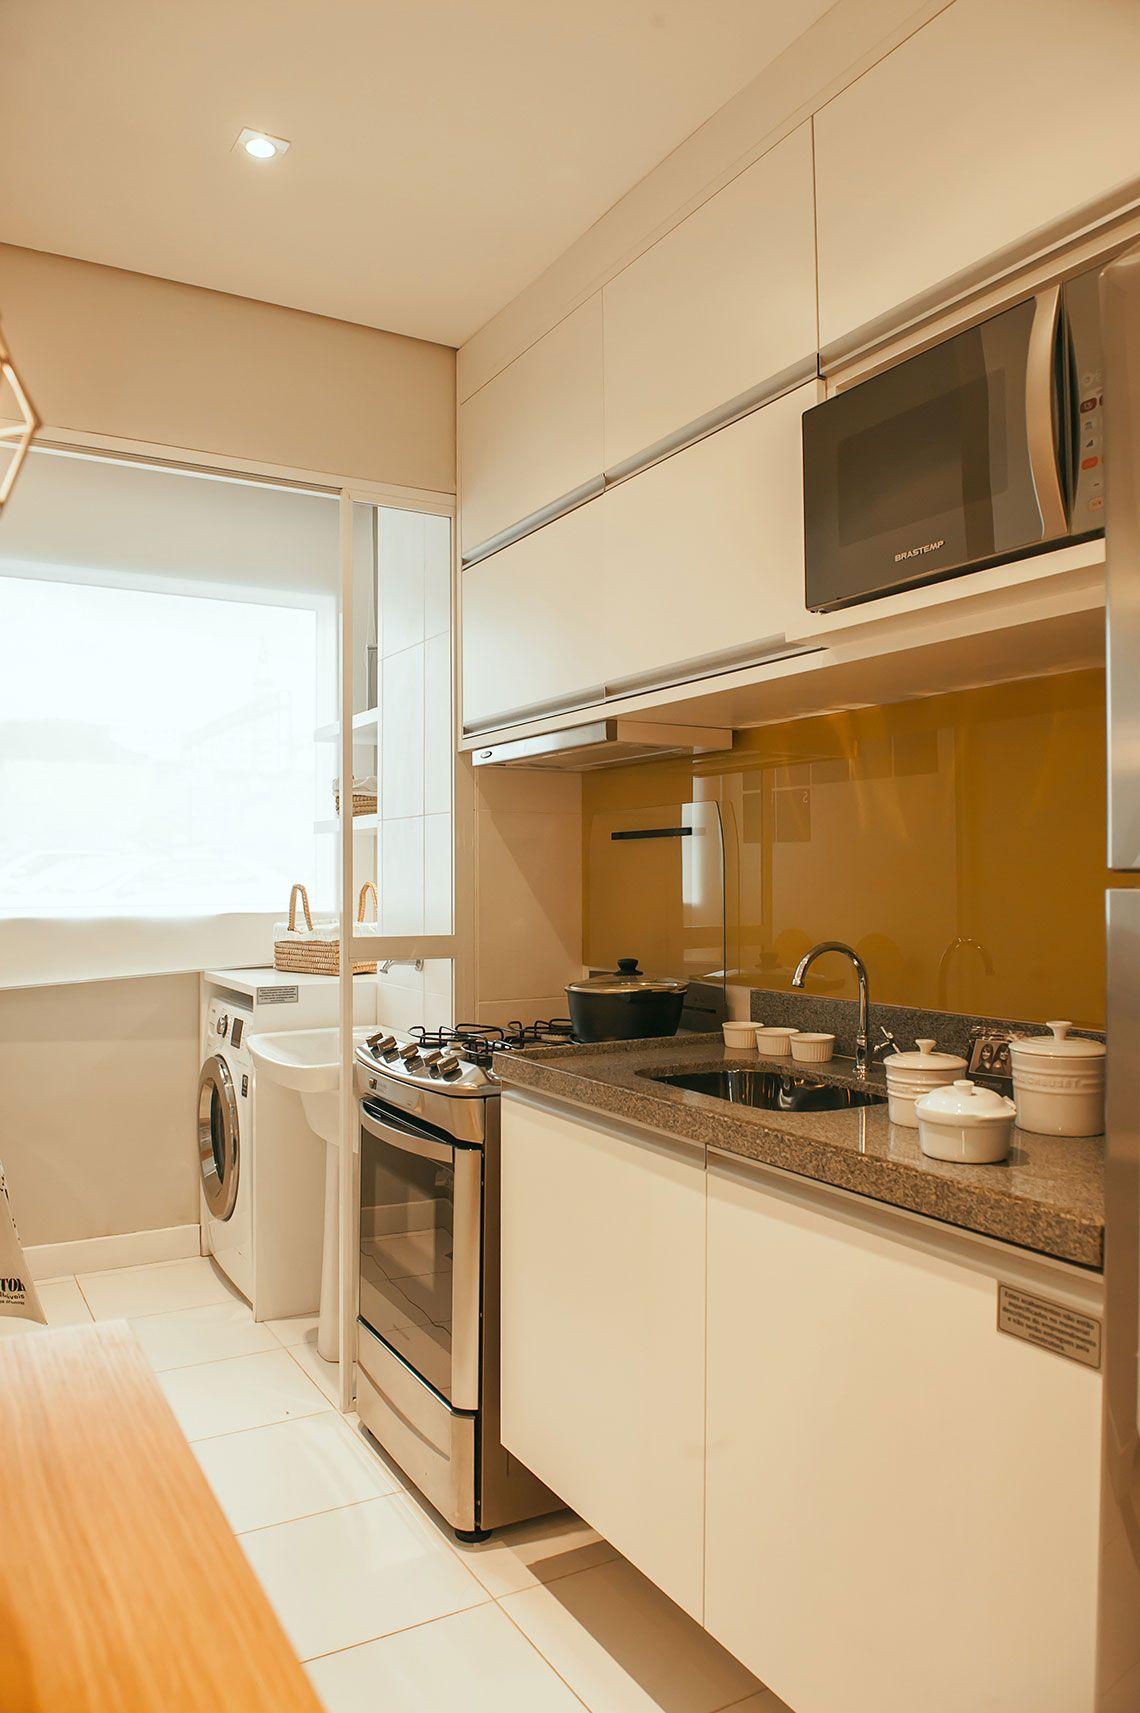 Cozinha e lavanderia apartamentos pequenos 33 m2 for Modelos de apartamentos pequenos